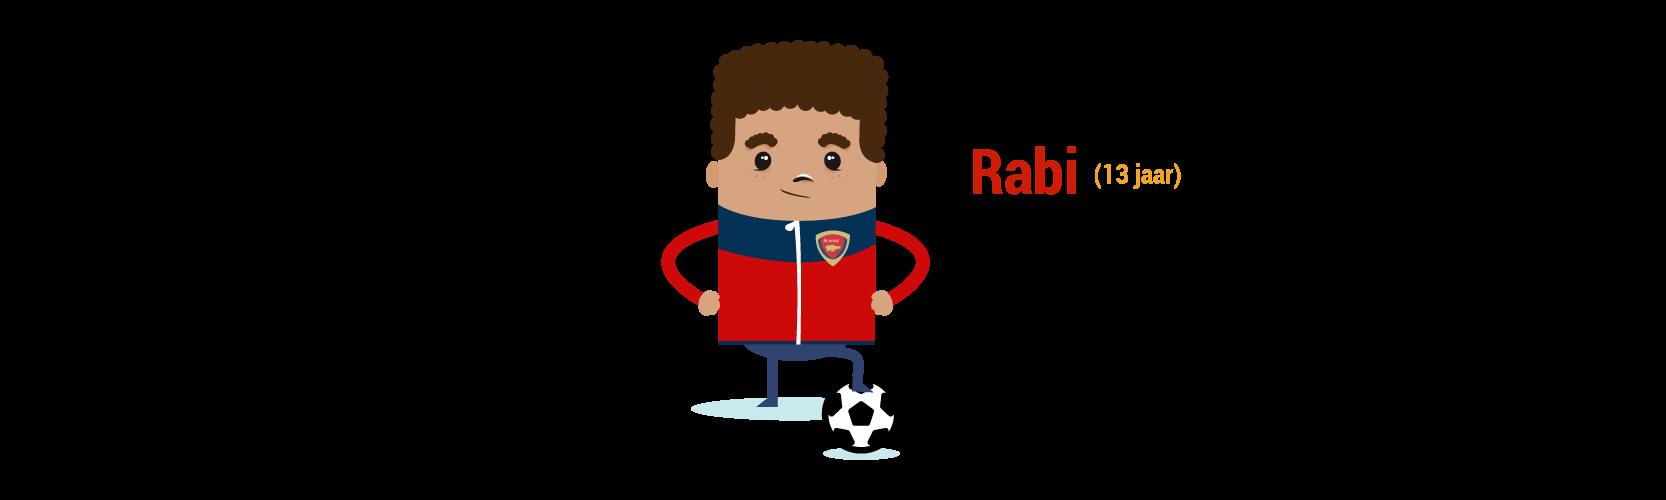 rabi-header